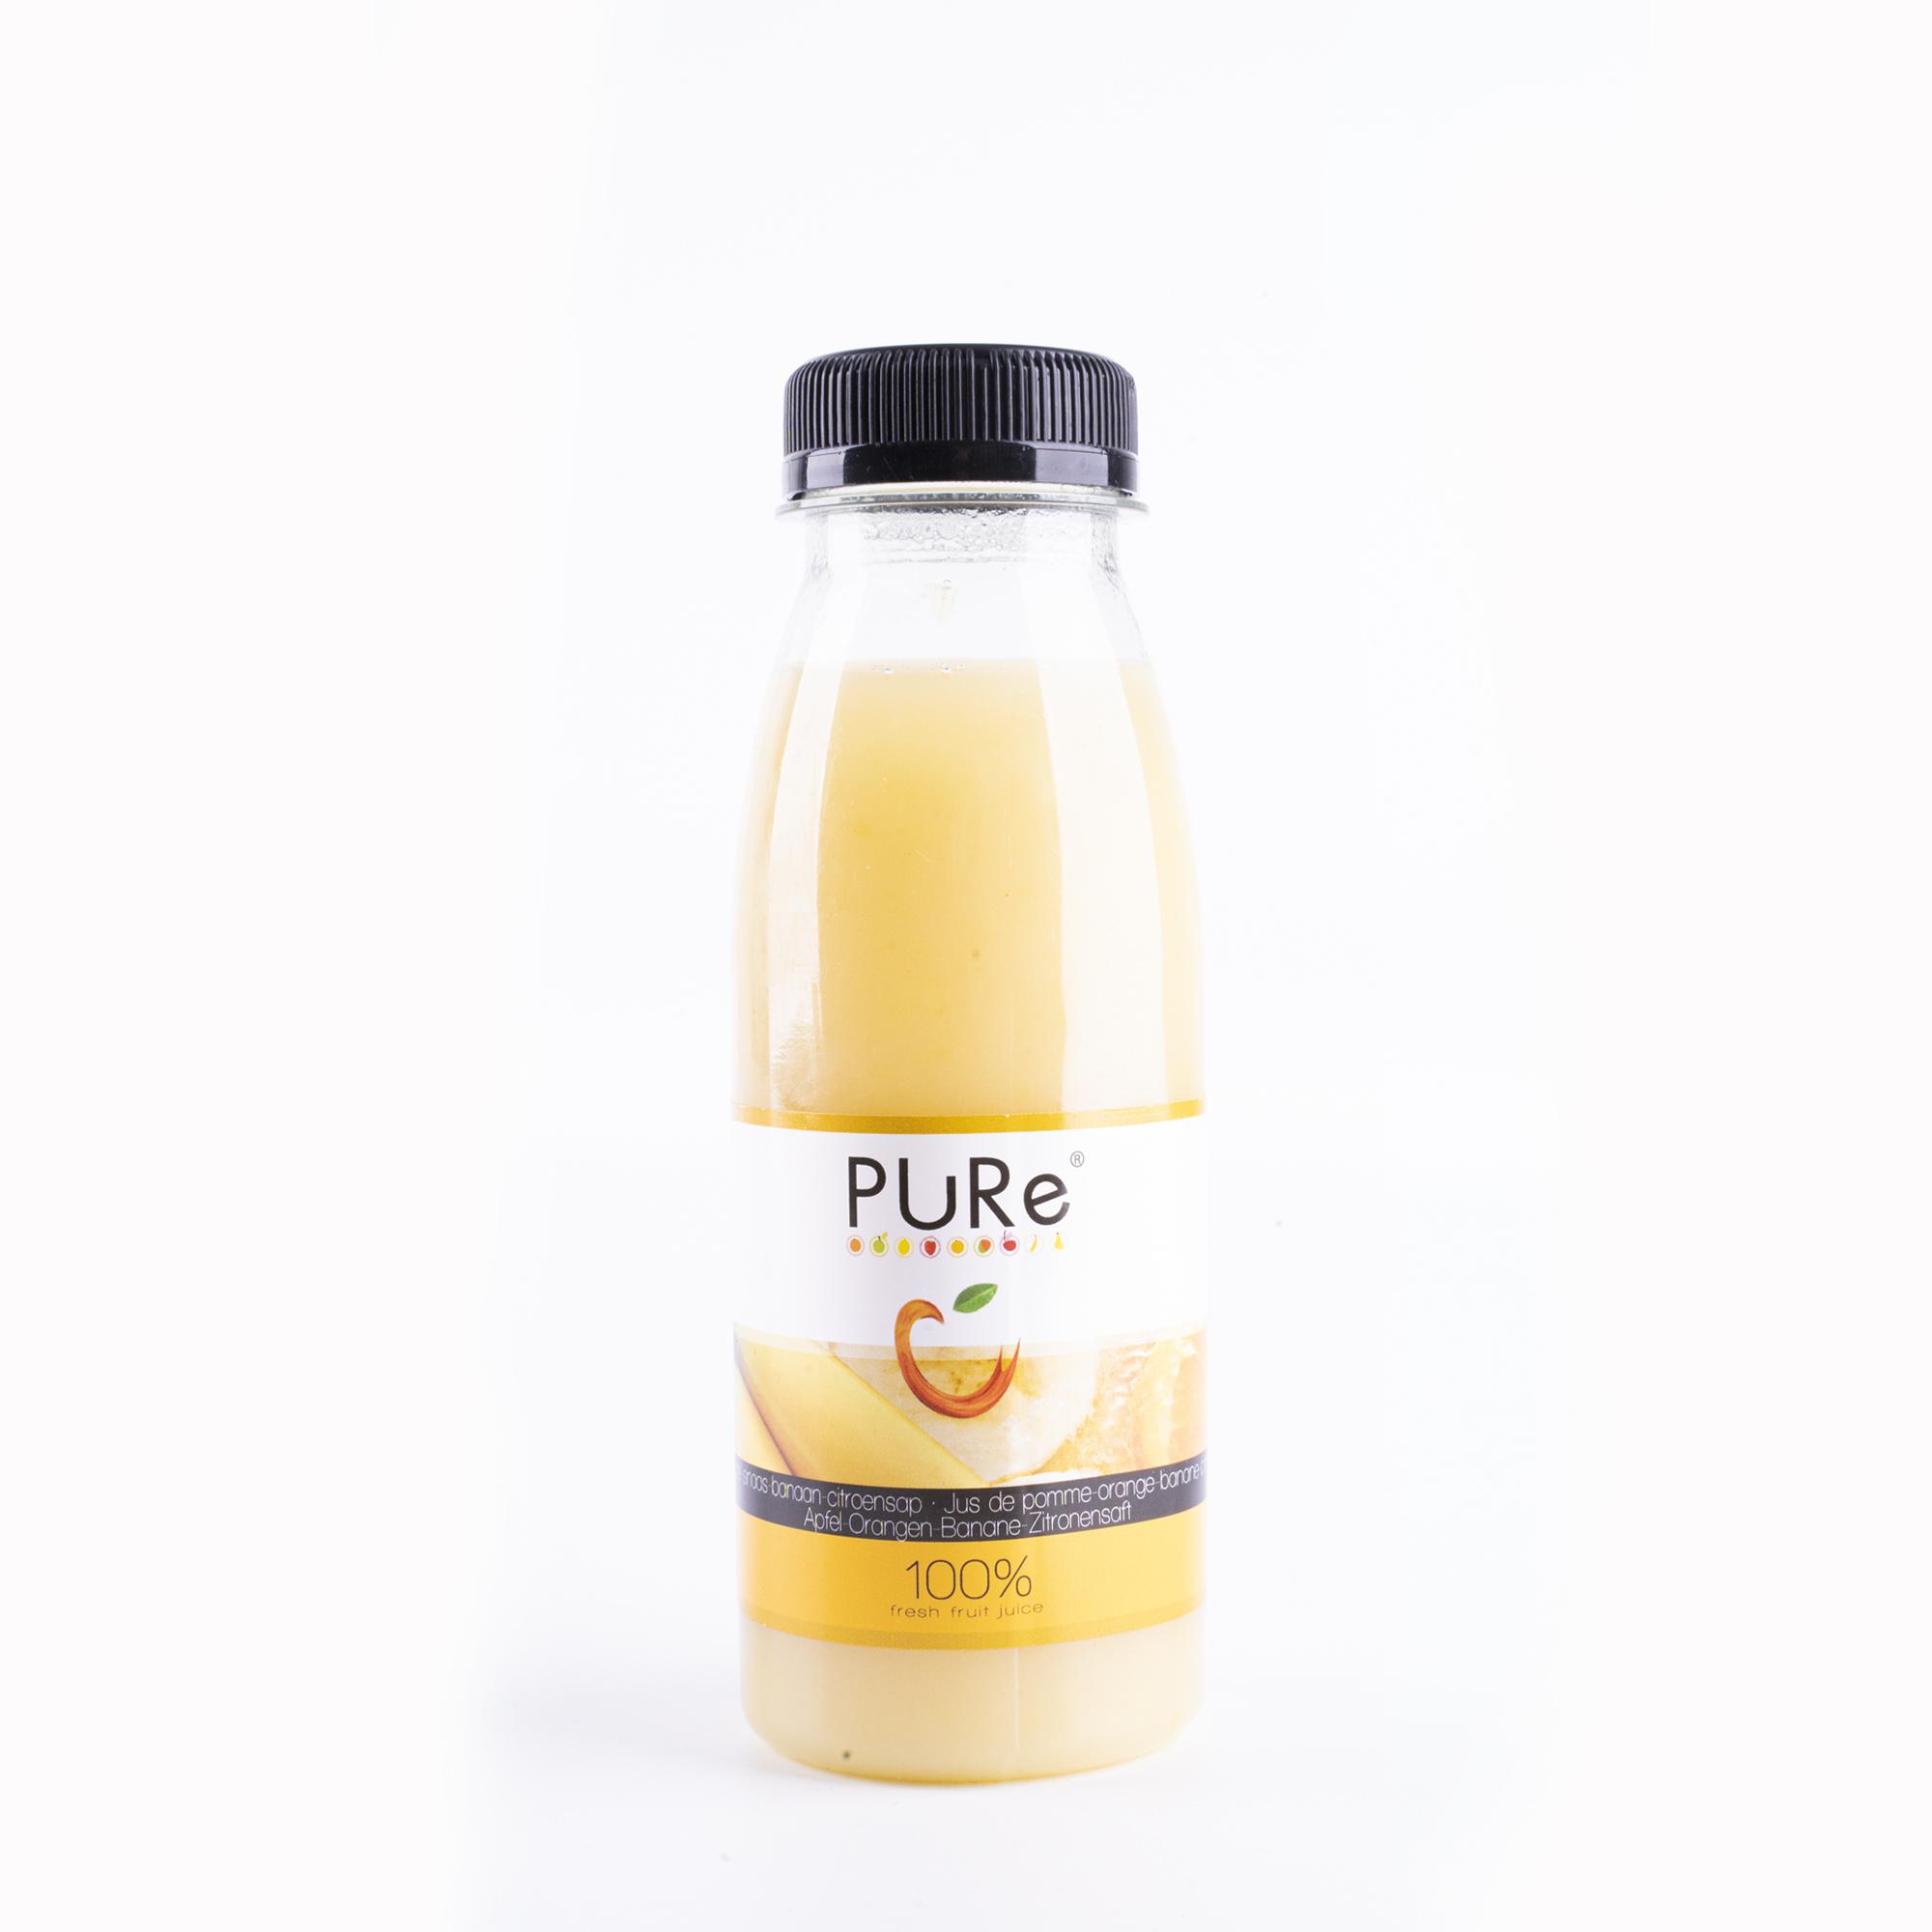 The Juicy Group - Pure - Sap van banaan-sinaas-citroen